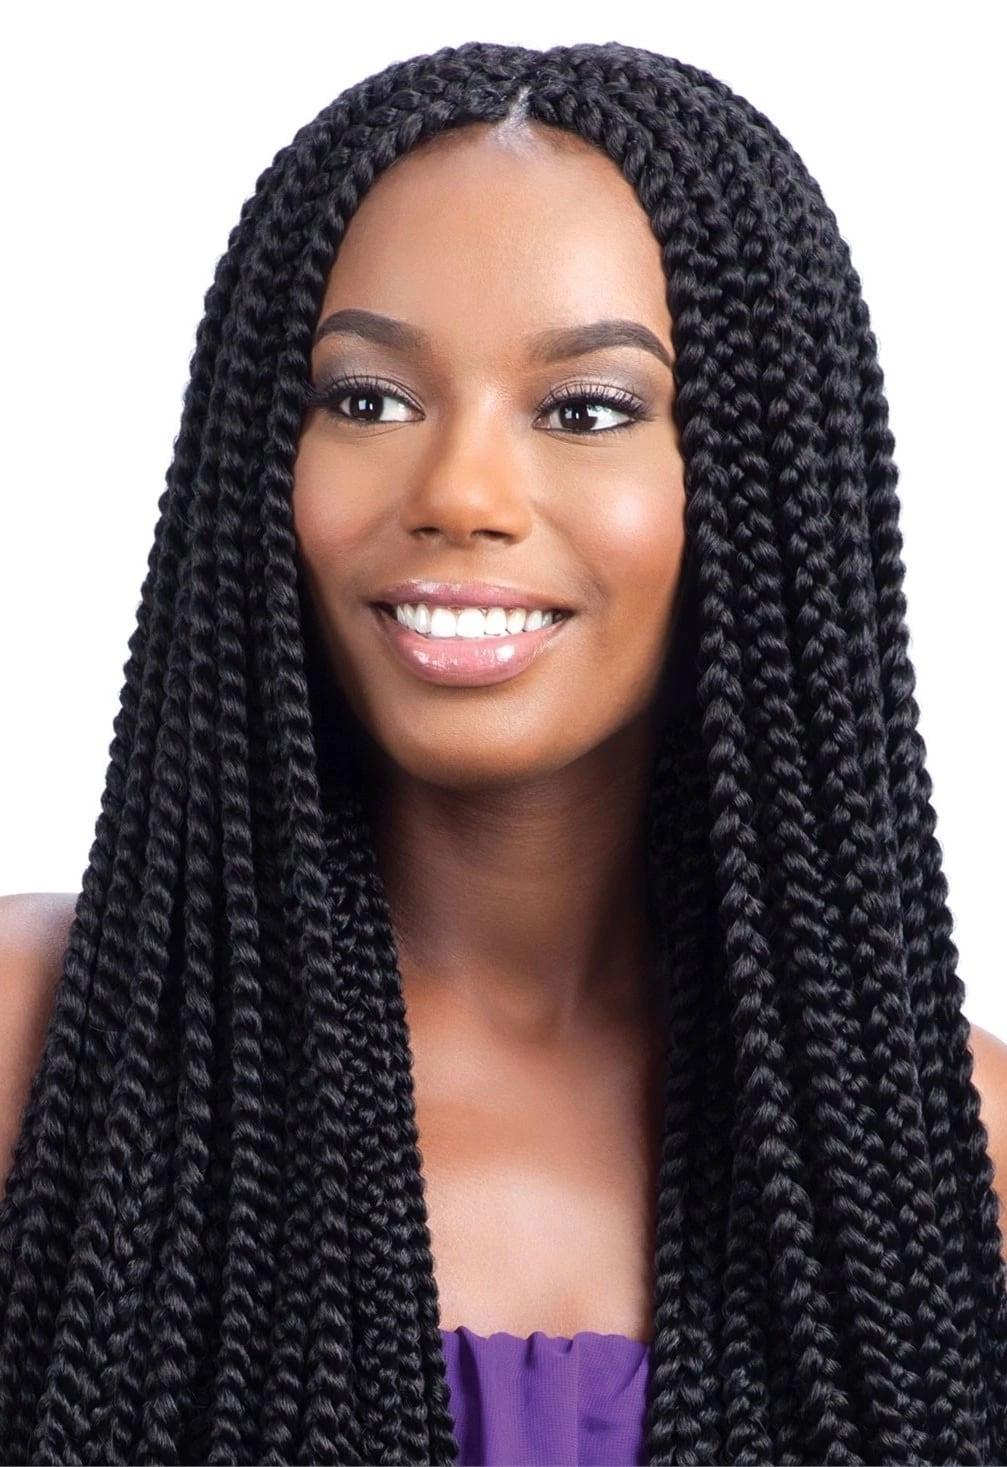 Best Nigerian Braids Hairstyles In 2020 Pictures Tuko Co Ke